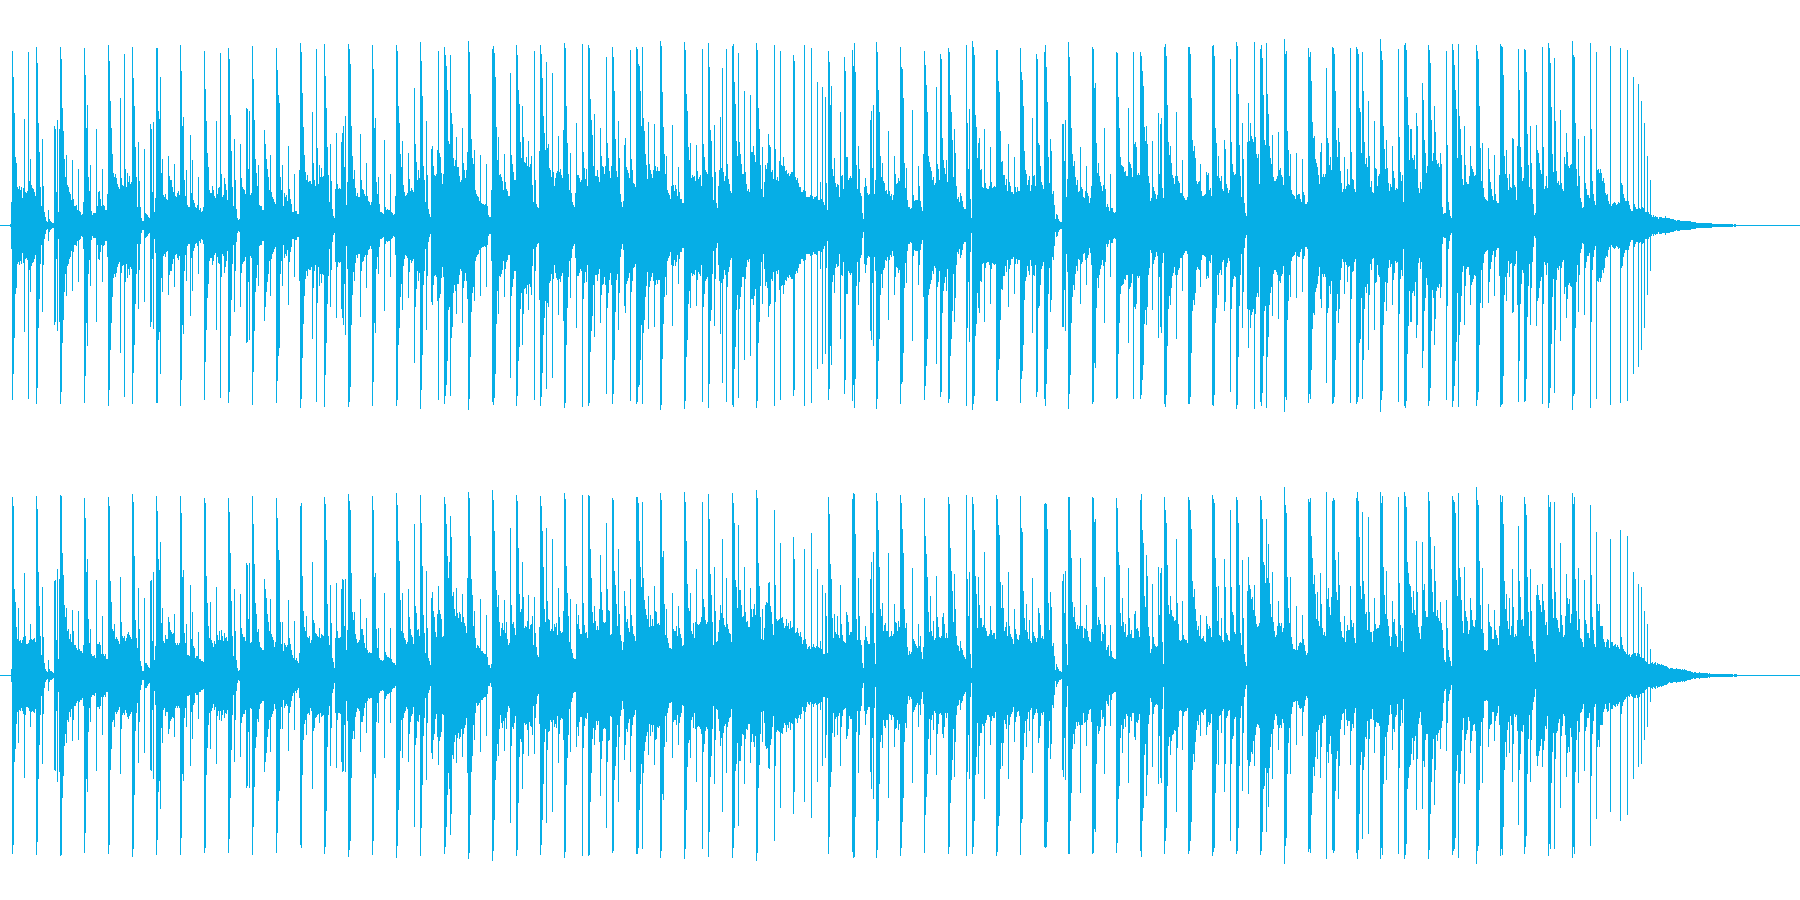 ほのぼの明るいアコースティックBGMの再生済みの波形